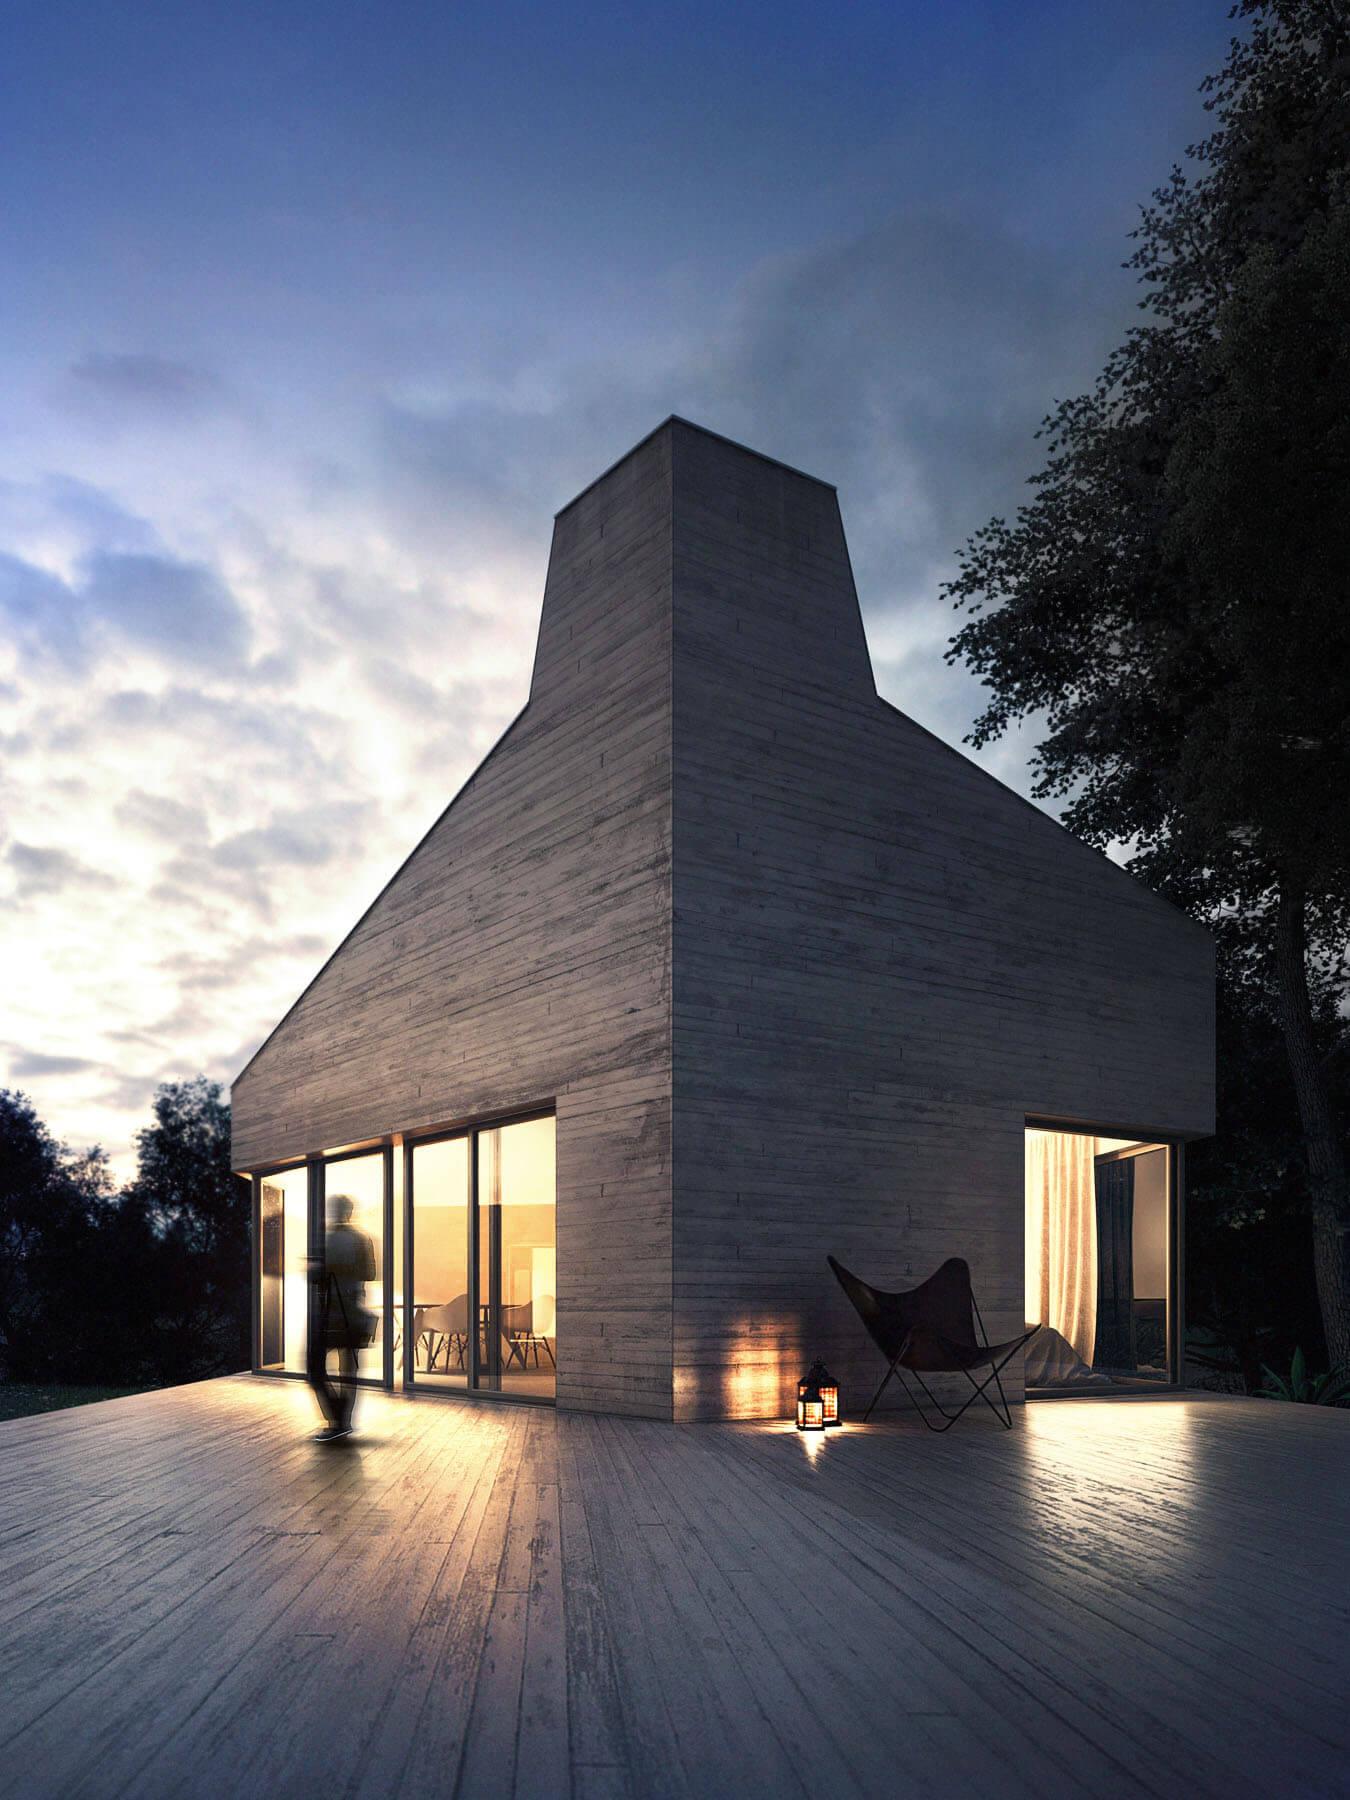 Architektur 3d Visualisierung im Wald. Render Fotorealistisch